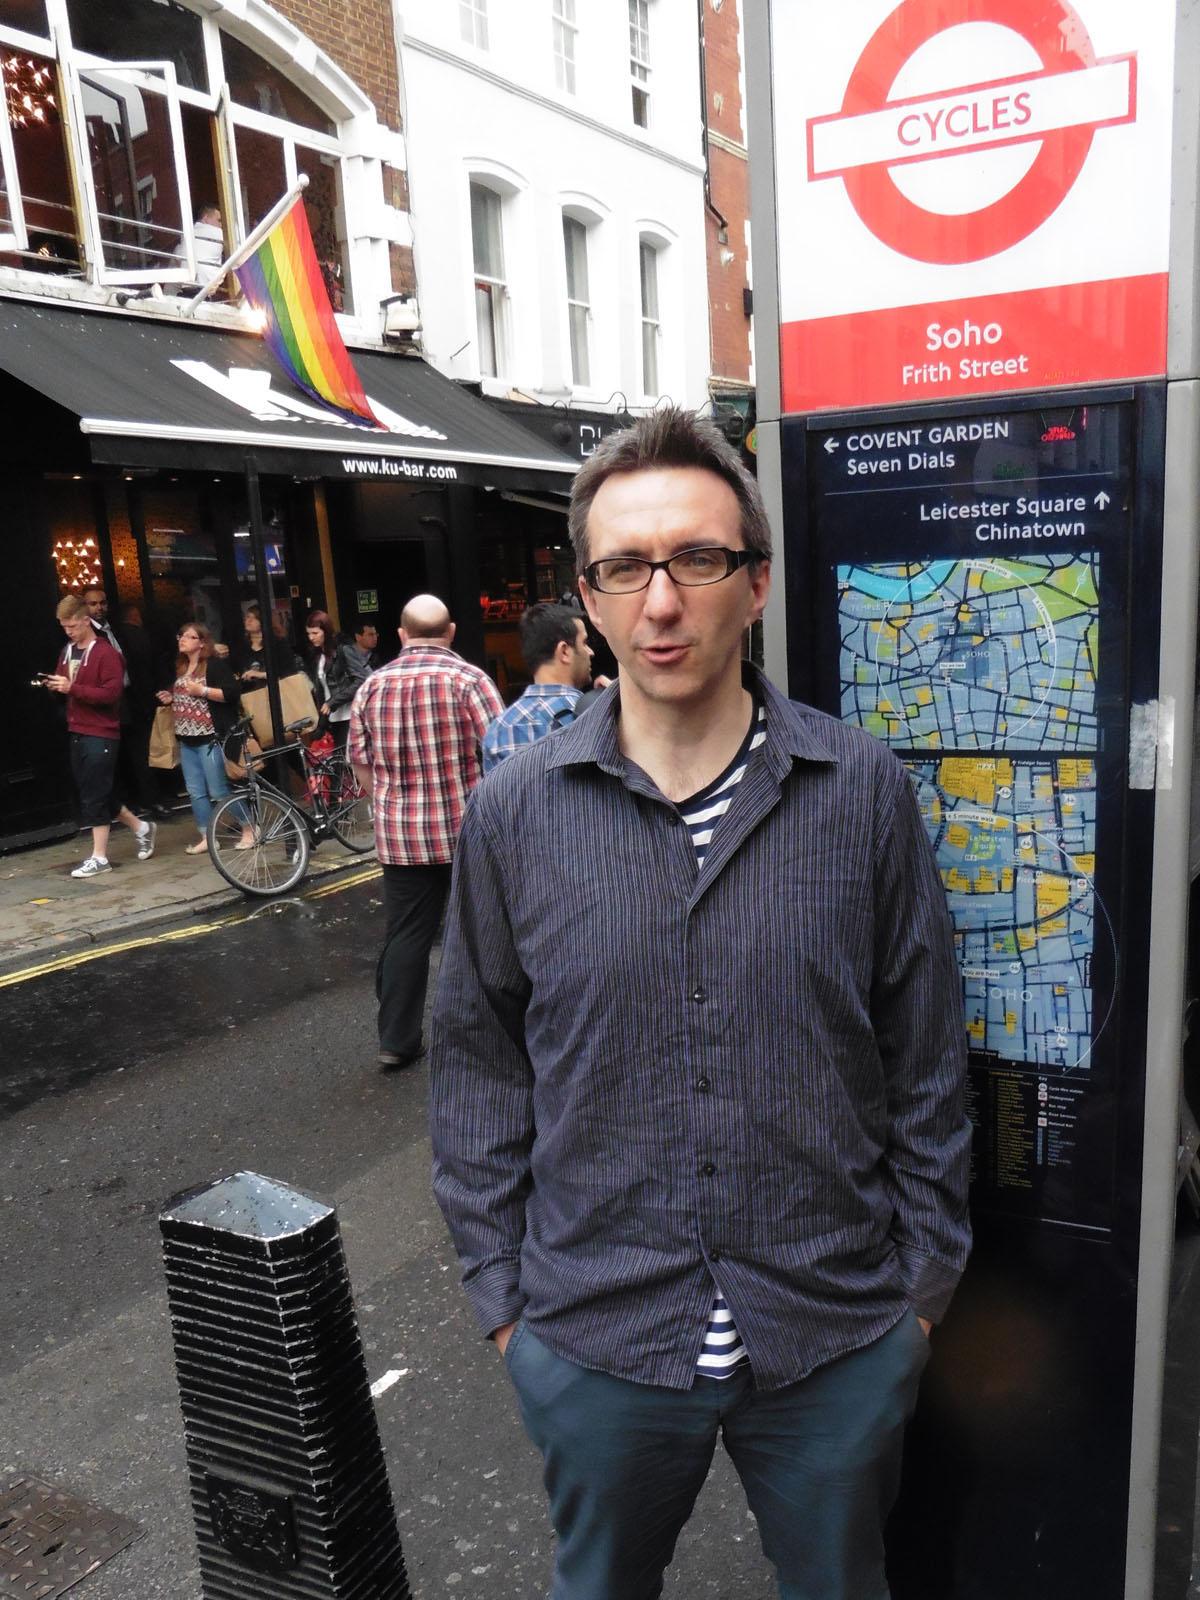 Социологот Тони Пруг во Сохо, Лондон во јуни 2015. Фото: Дамир Пилиќ